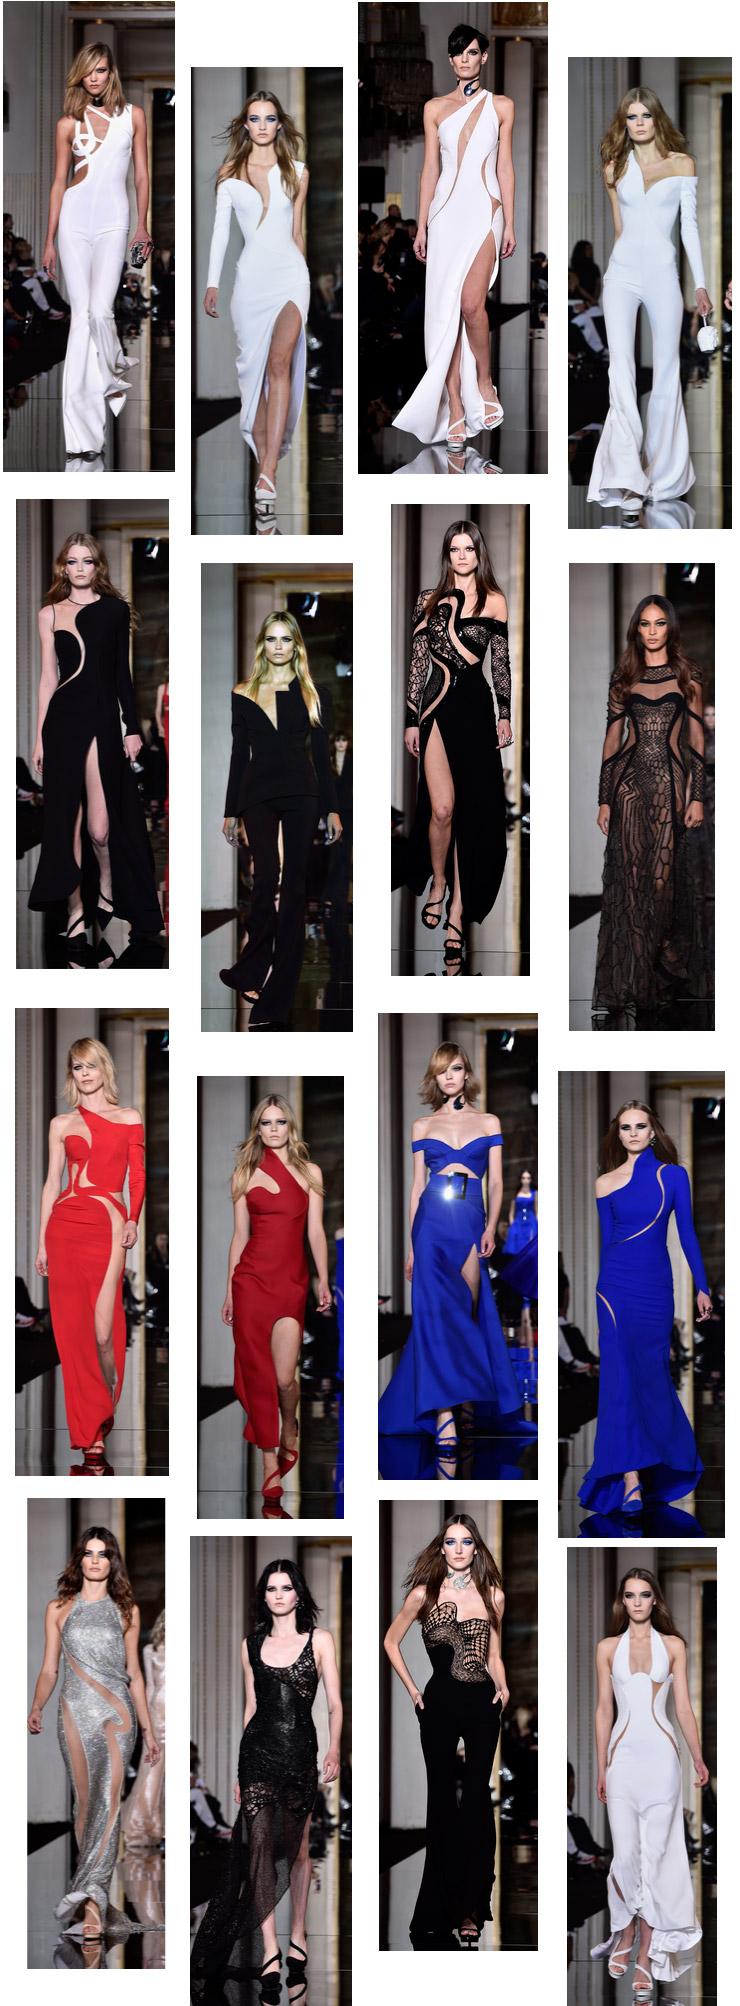 %grifina Atelier Versace abre a semana de moda de Alta Costura em Paris: Verão 2015